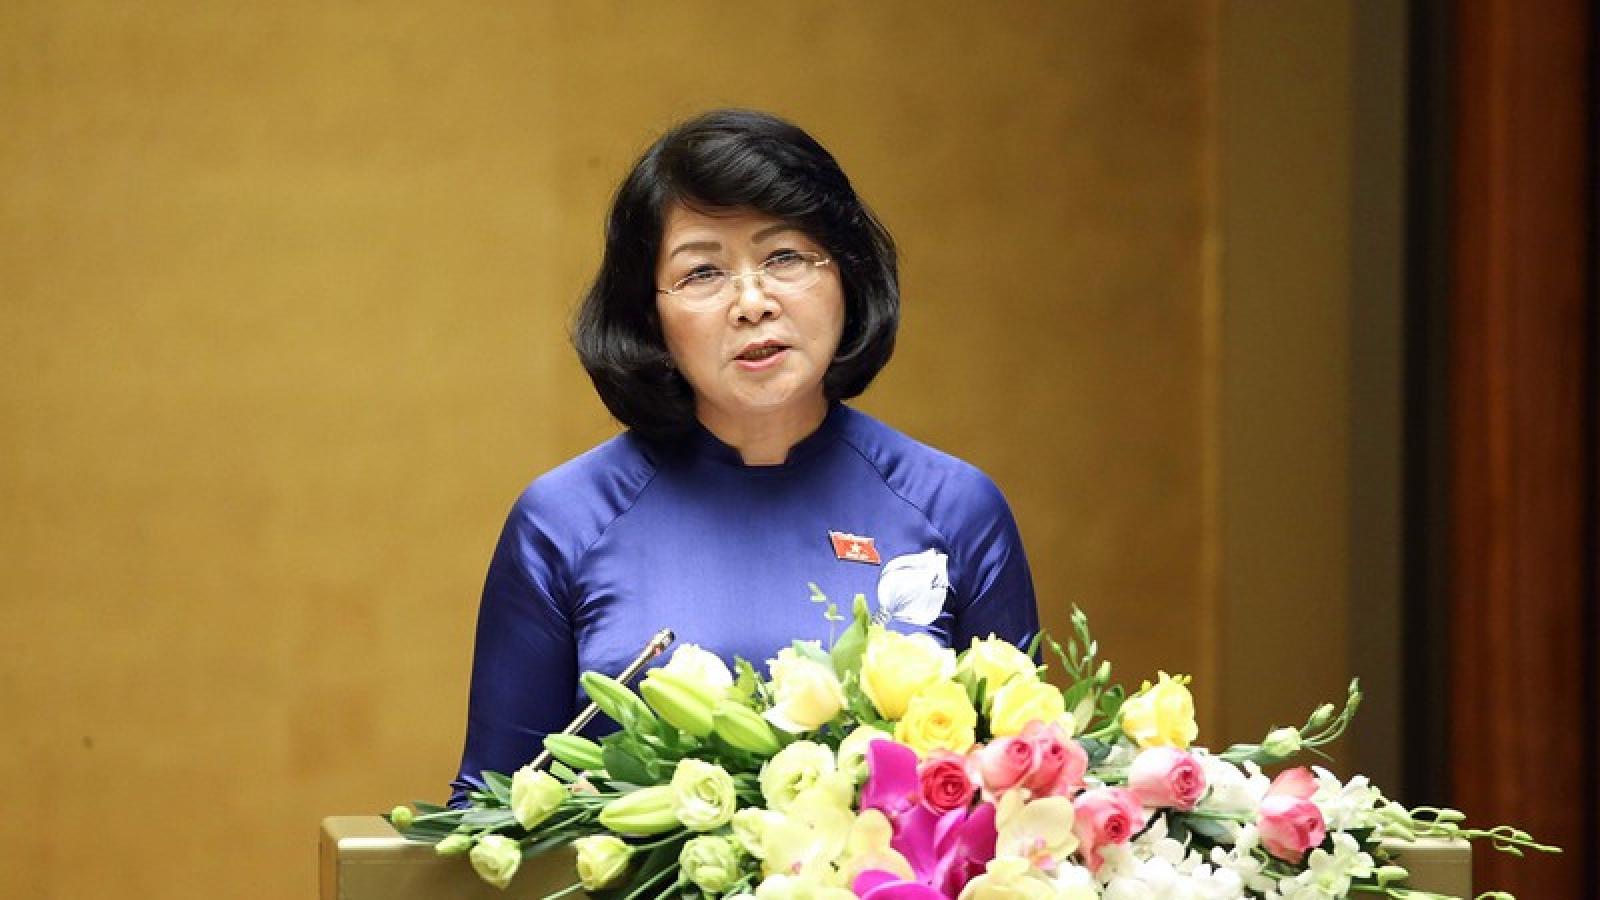 Chủ tịch nước trình Quốc hội phê chuẩn Công ước xóa bỏ lao động cưỡng bức